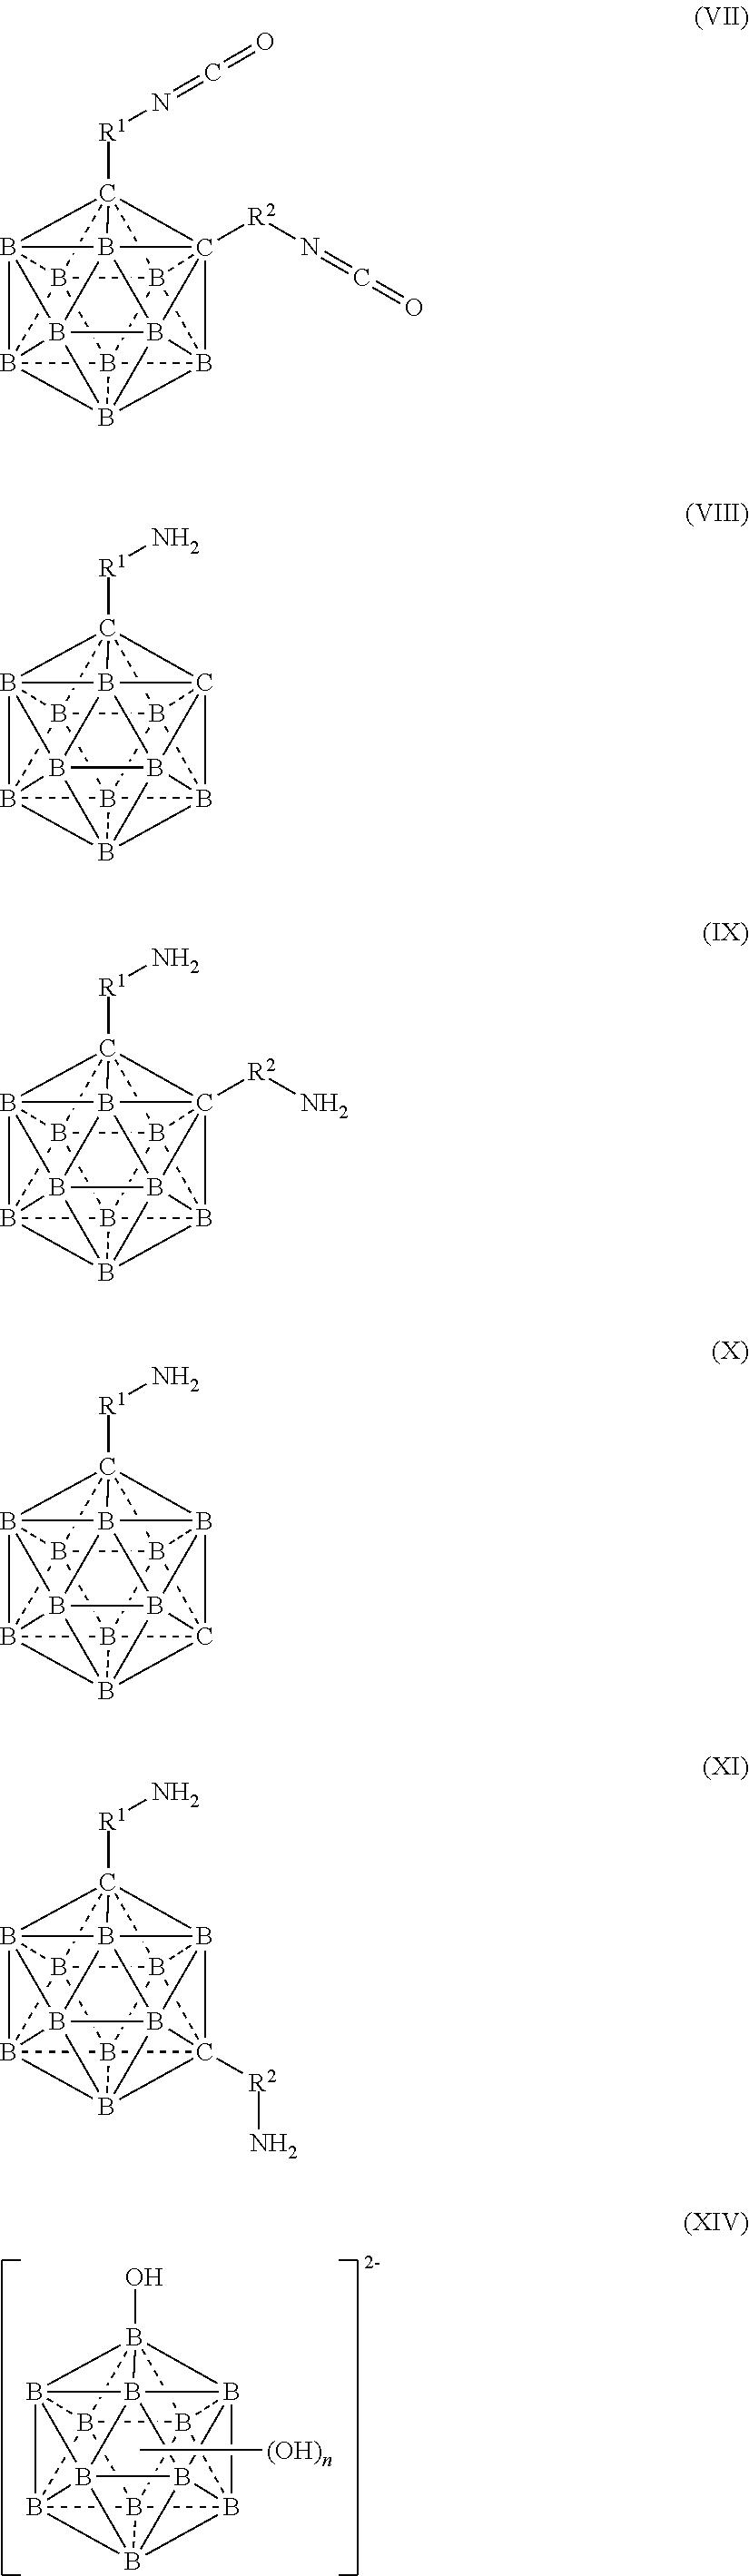 Figure US20110046253A1-20110224-C00013